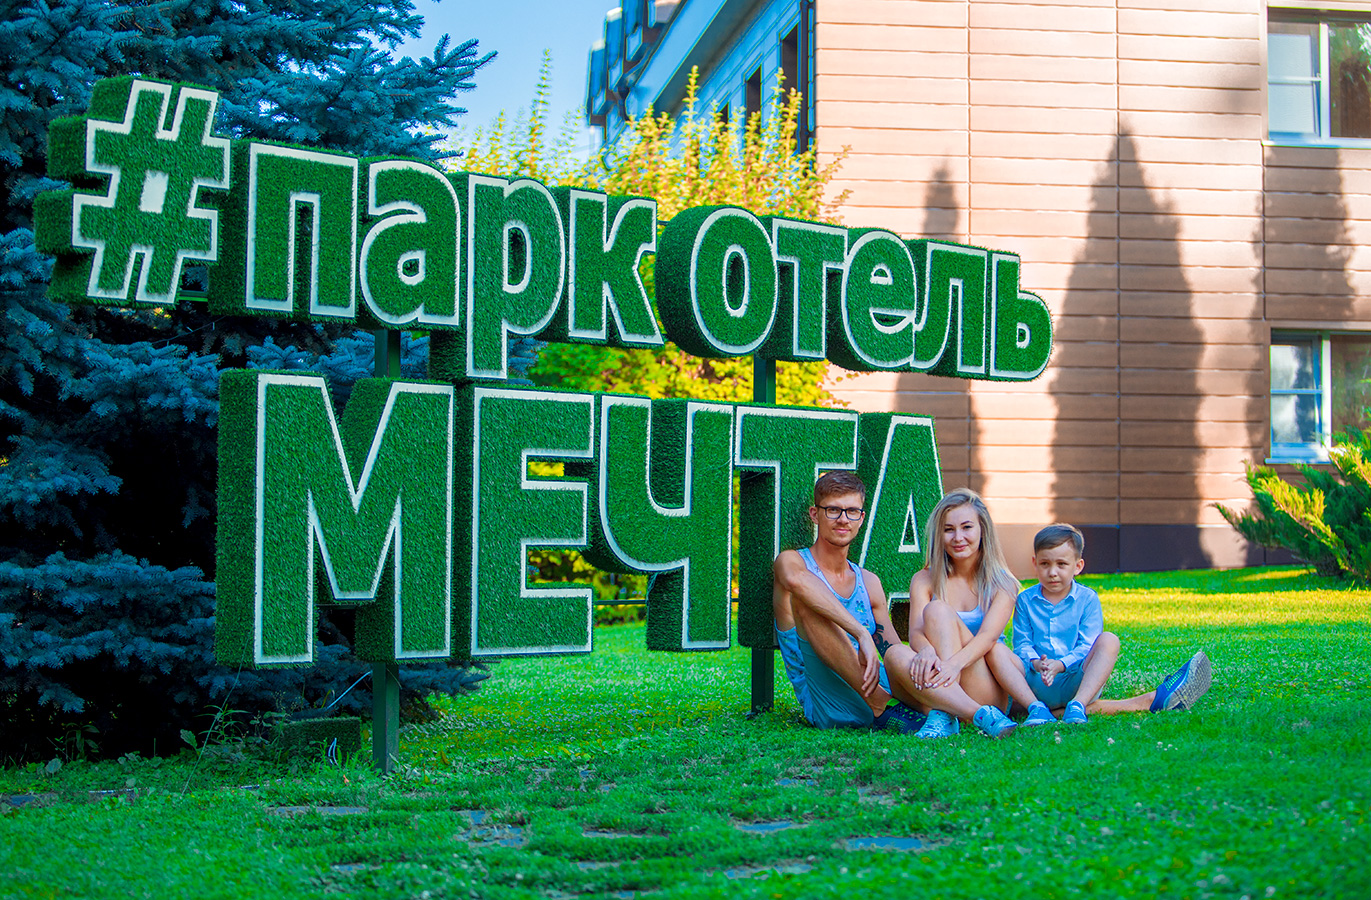 Объемные световые буквы из травы. Рекламная конструкция для парк-отеля Мечта